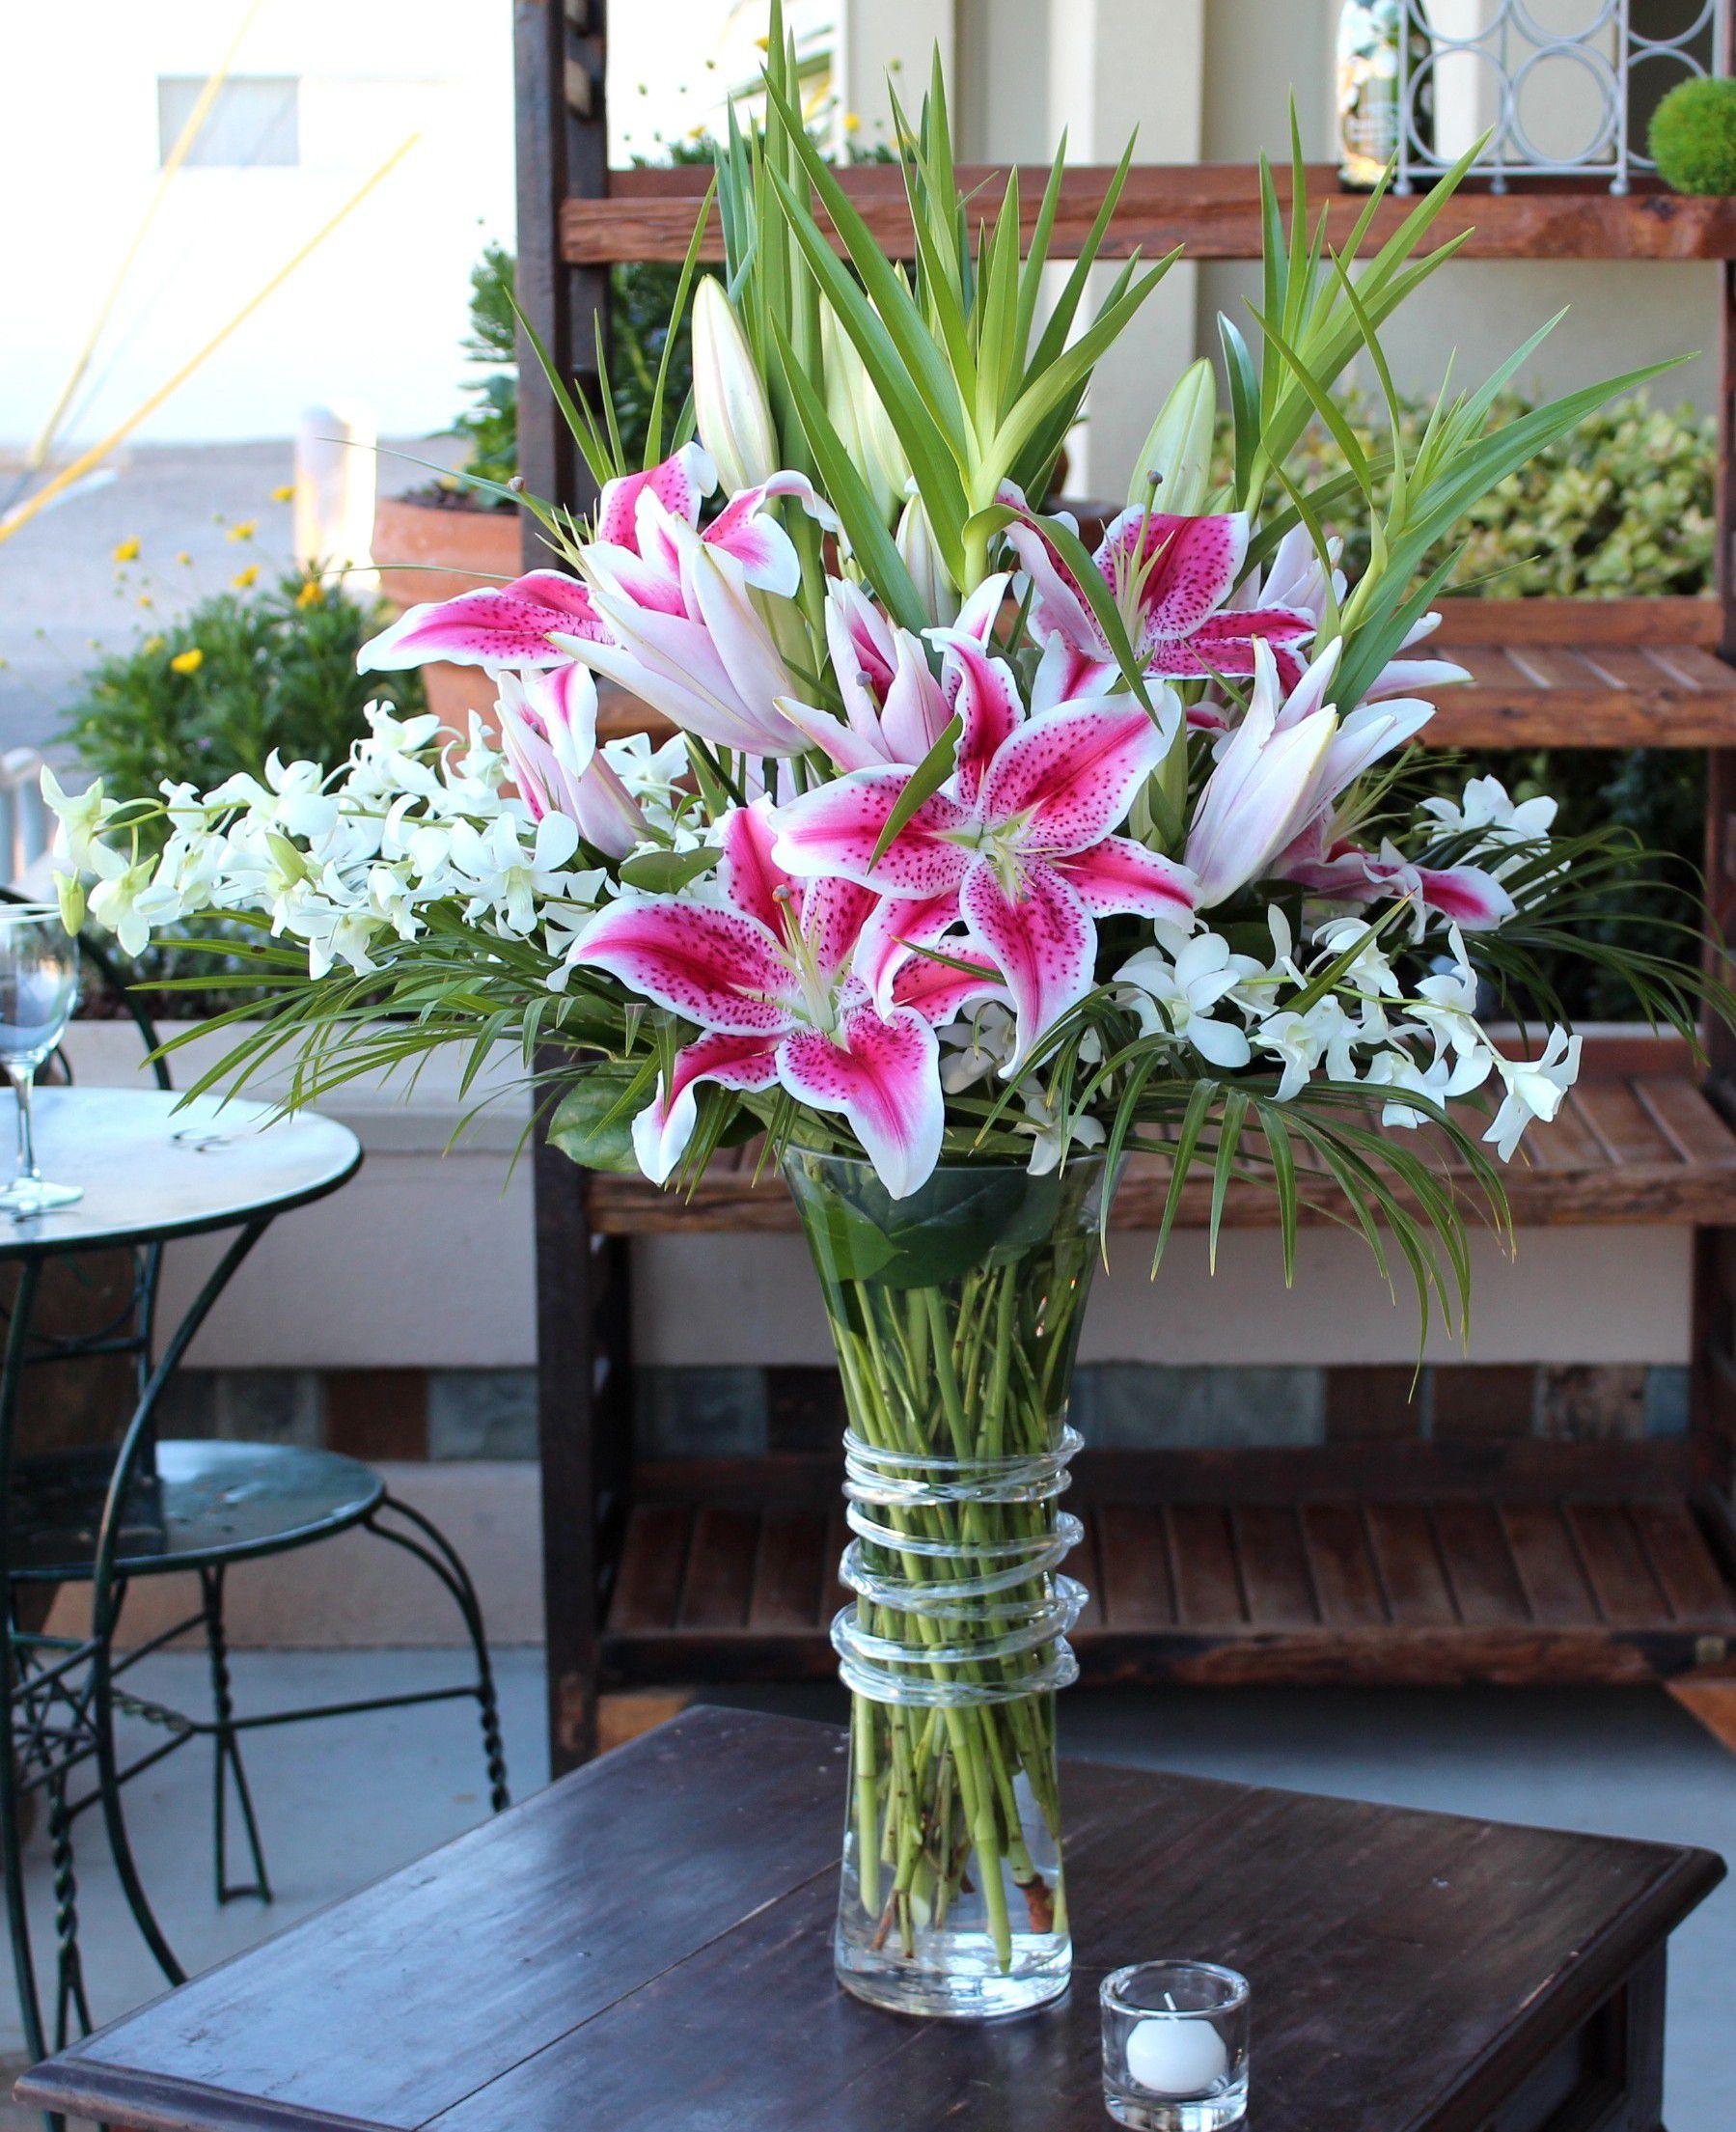 Ảnh cắm hoa Ly để bàn thờ gia tiên đẹp nhất